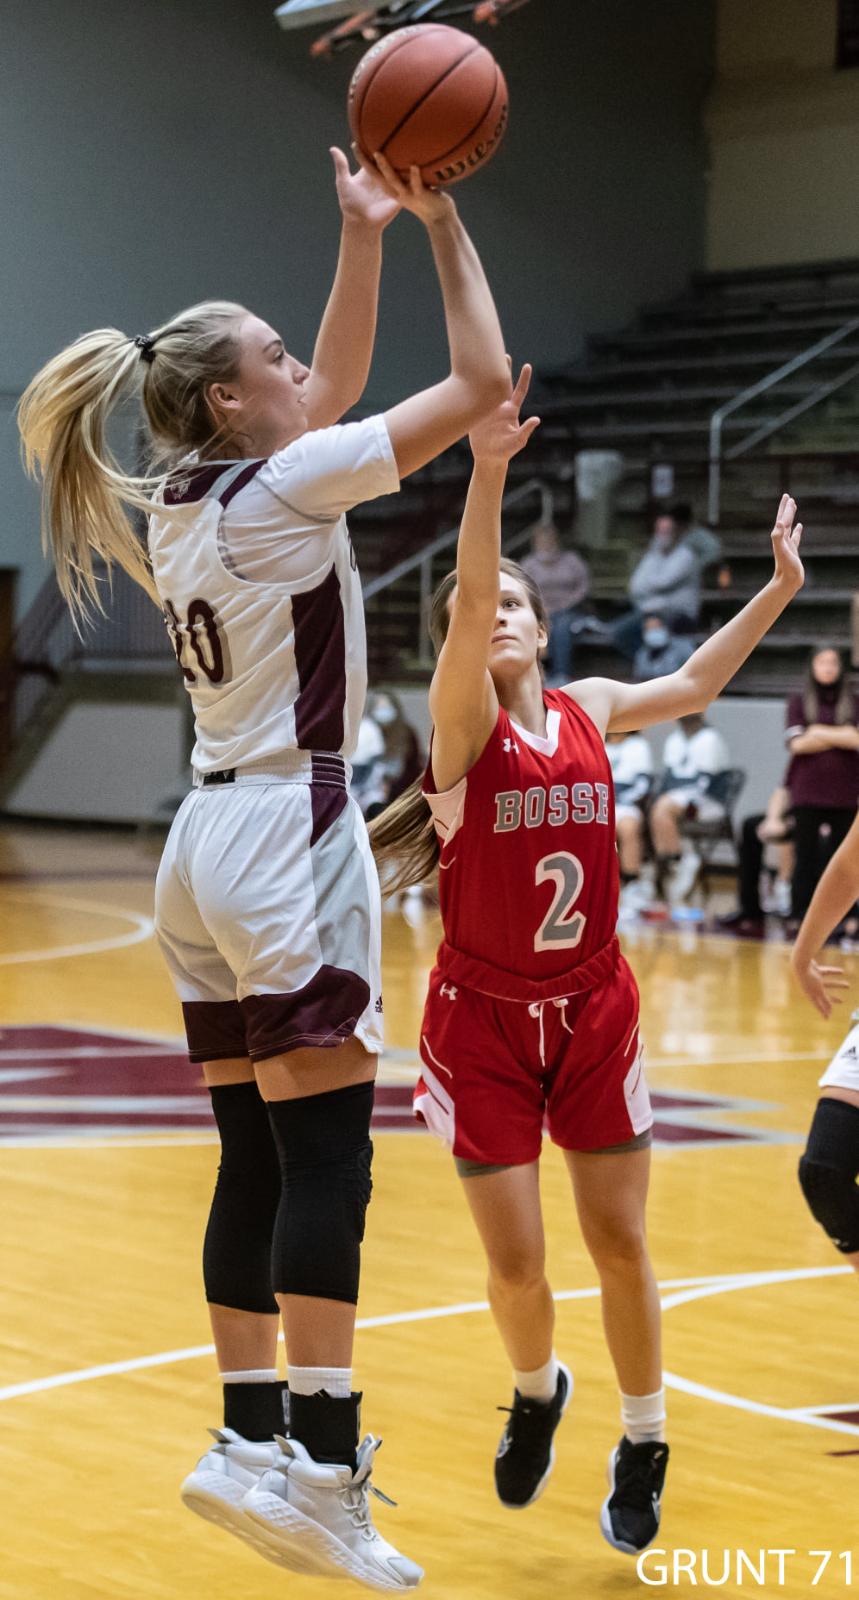 Girls Basketball vs. Bosse